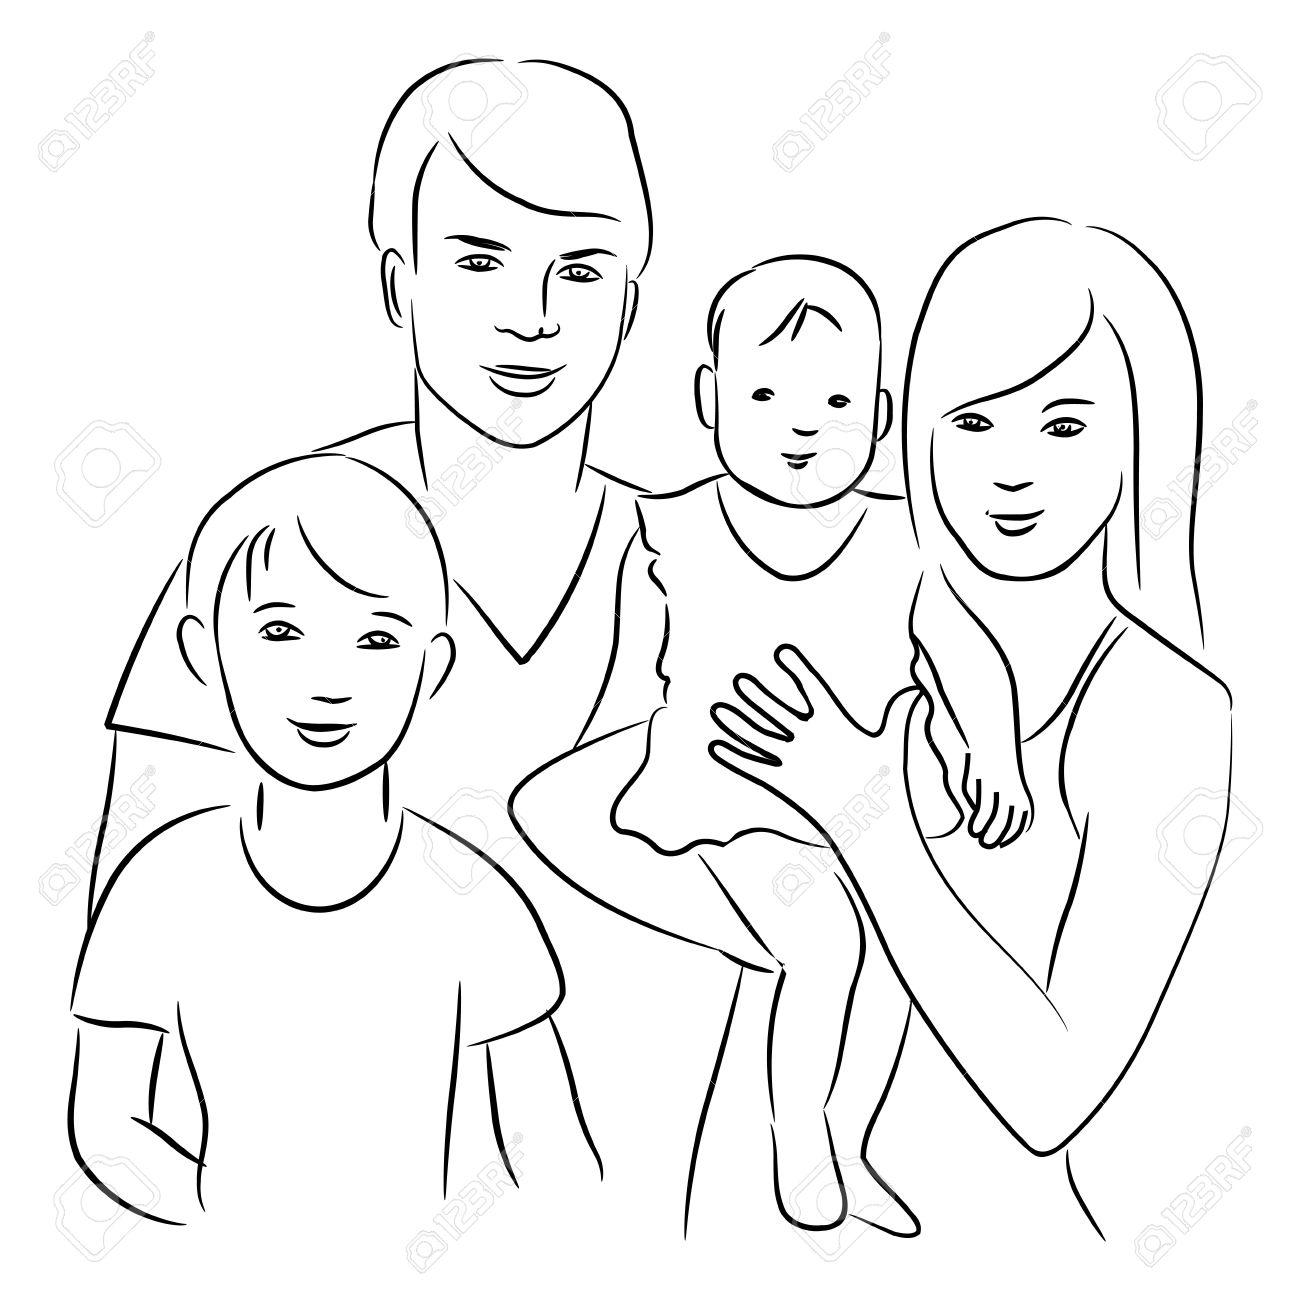 Рисунок моей семьи из 4 человек 4